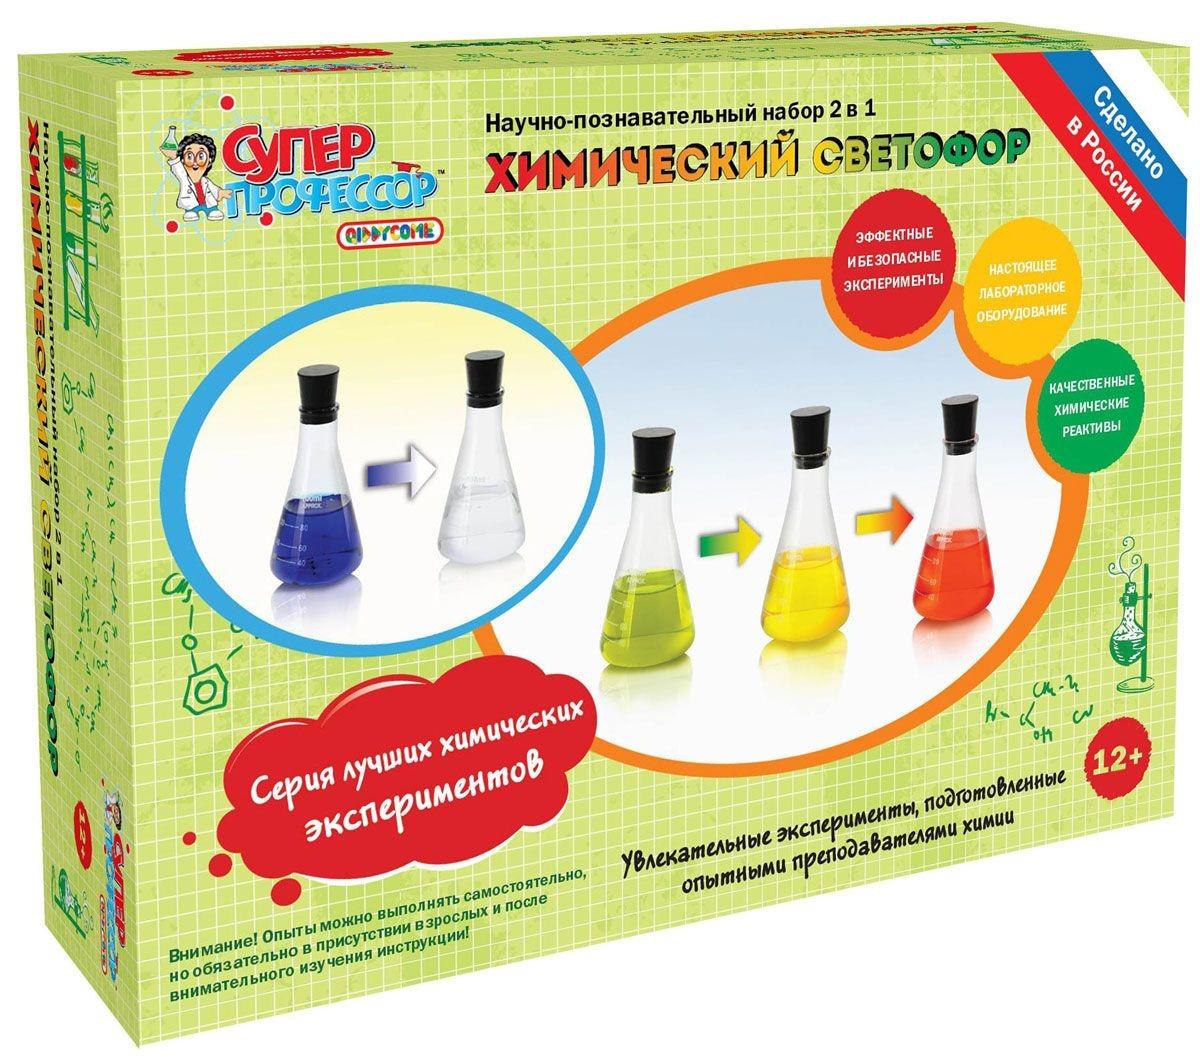 Купить Набор для экспериментов 2 в 1 – Химический светофор, Научные технологии